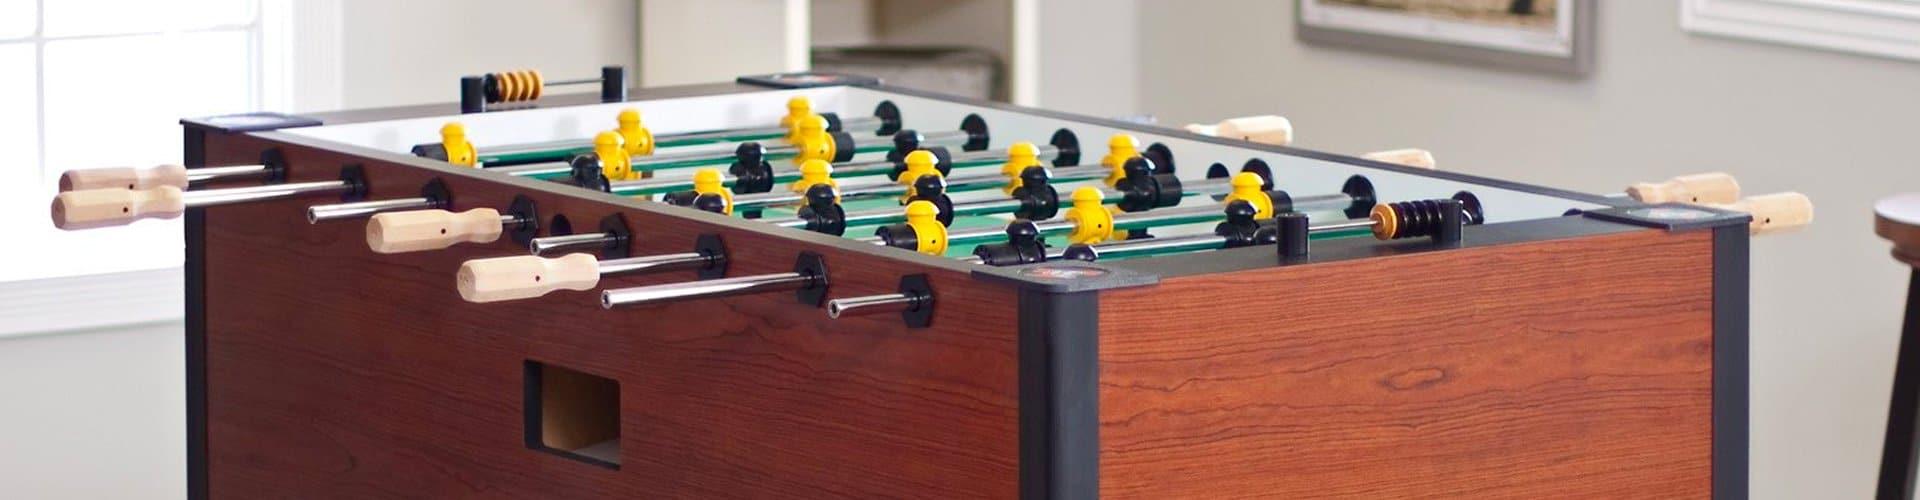 Best Foosball Tables under $300 Reviewed in Detail